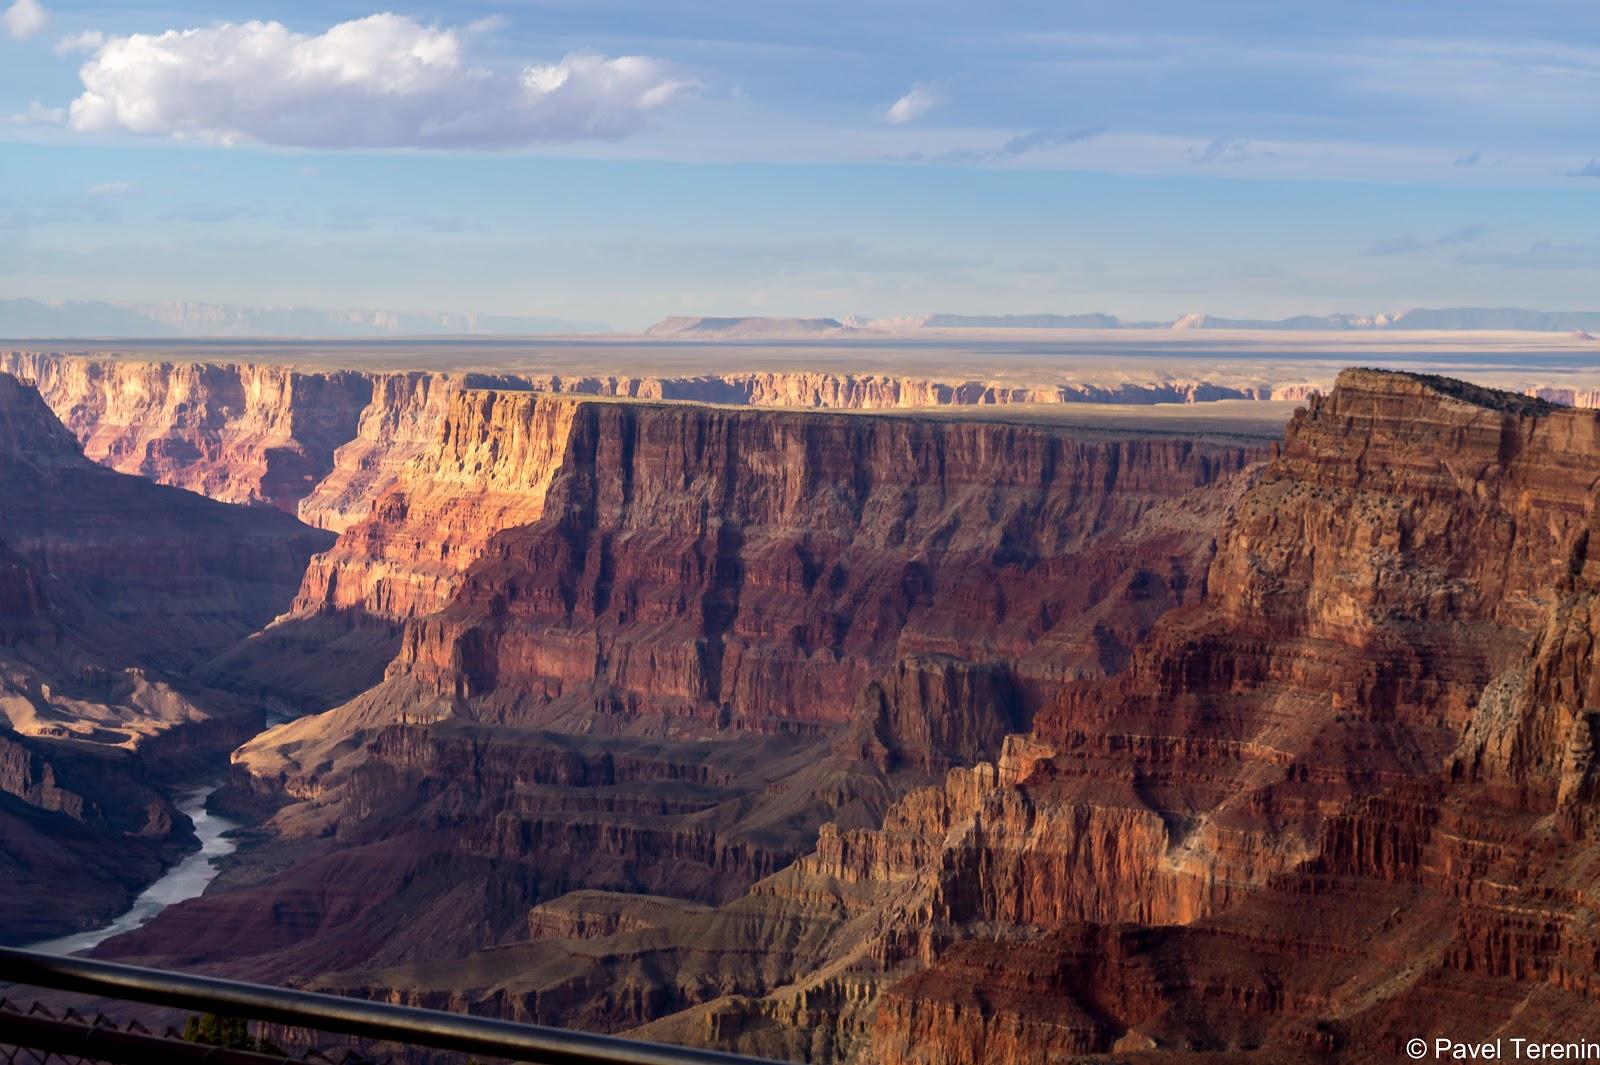 Desert View - уникальная смотровая площадка. По одну сторону Каньона здесь находится лес, а по другую на 500 км на Восток растянулась ровная пустыня.